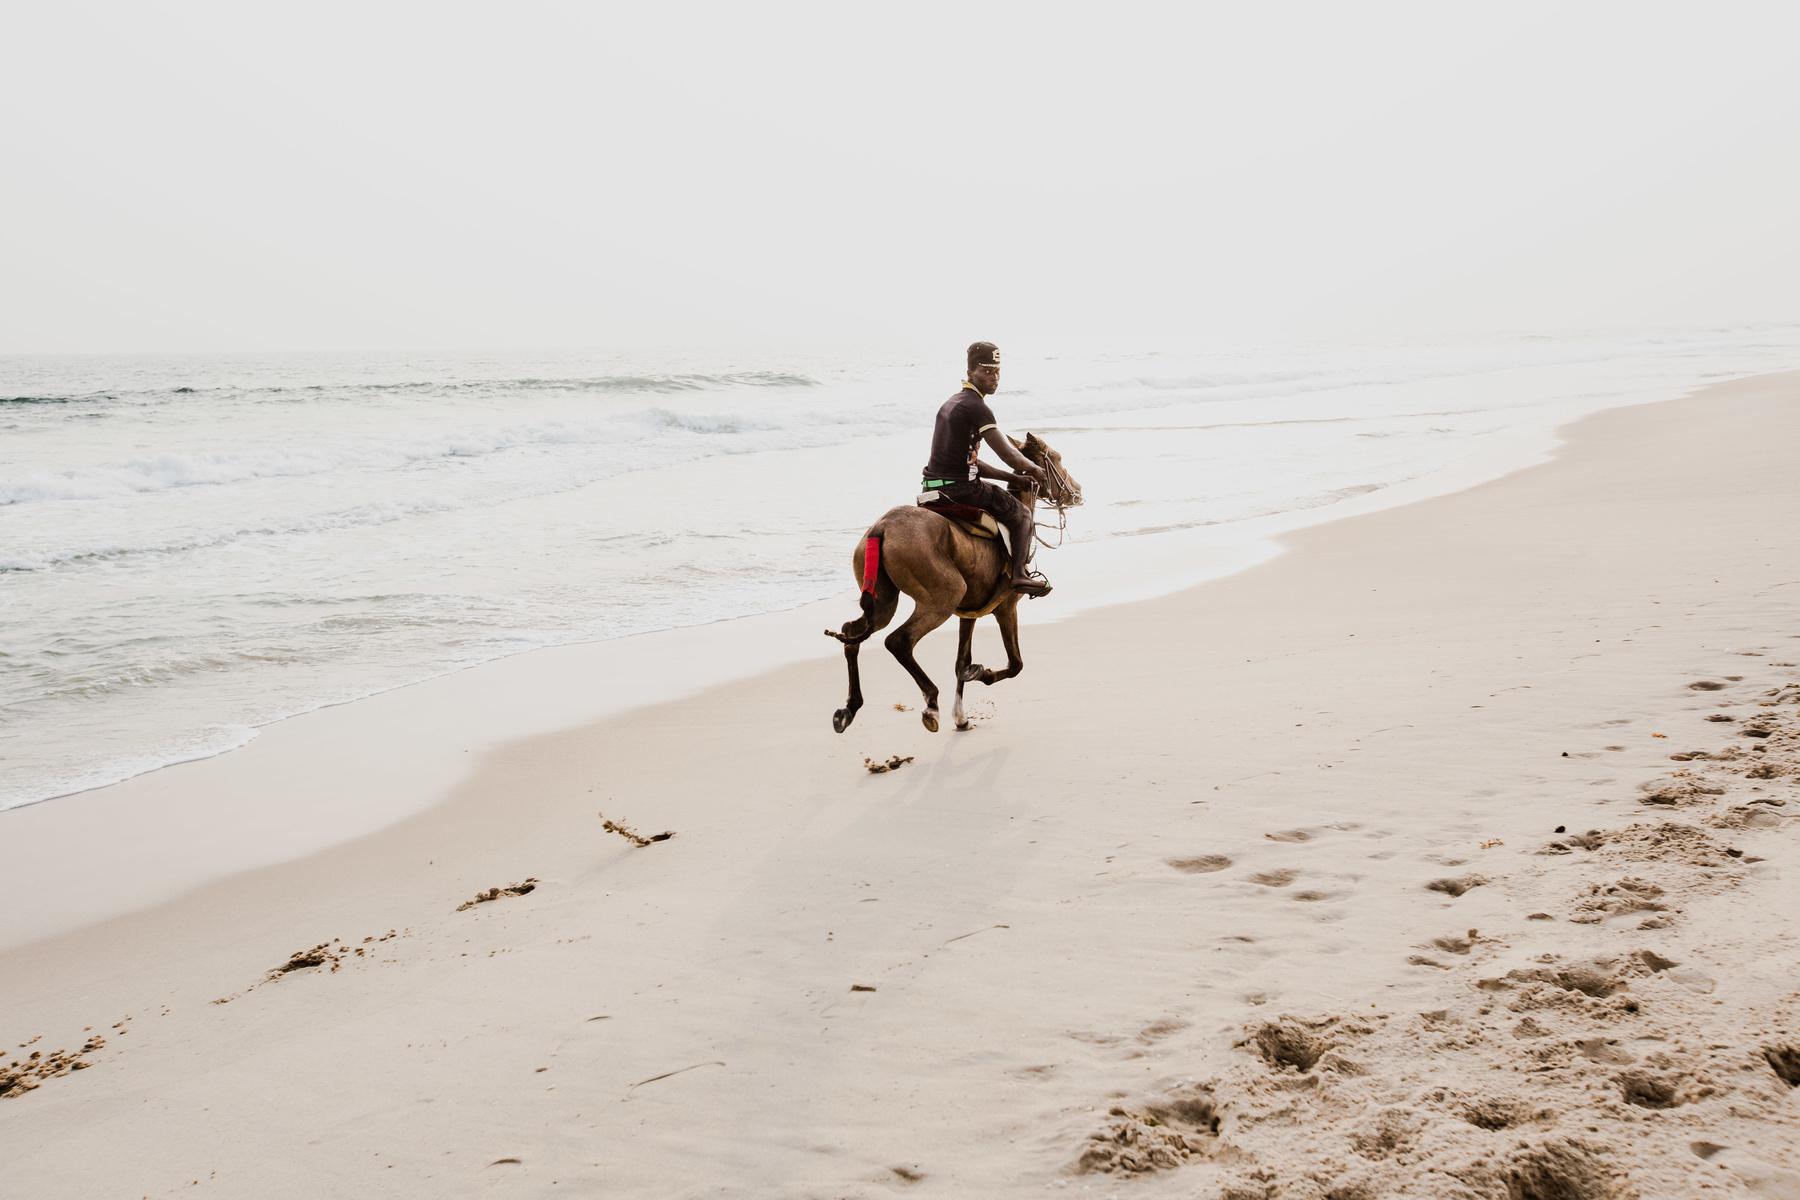 Atican Beach / 2014 / TemixNigeria